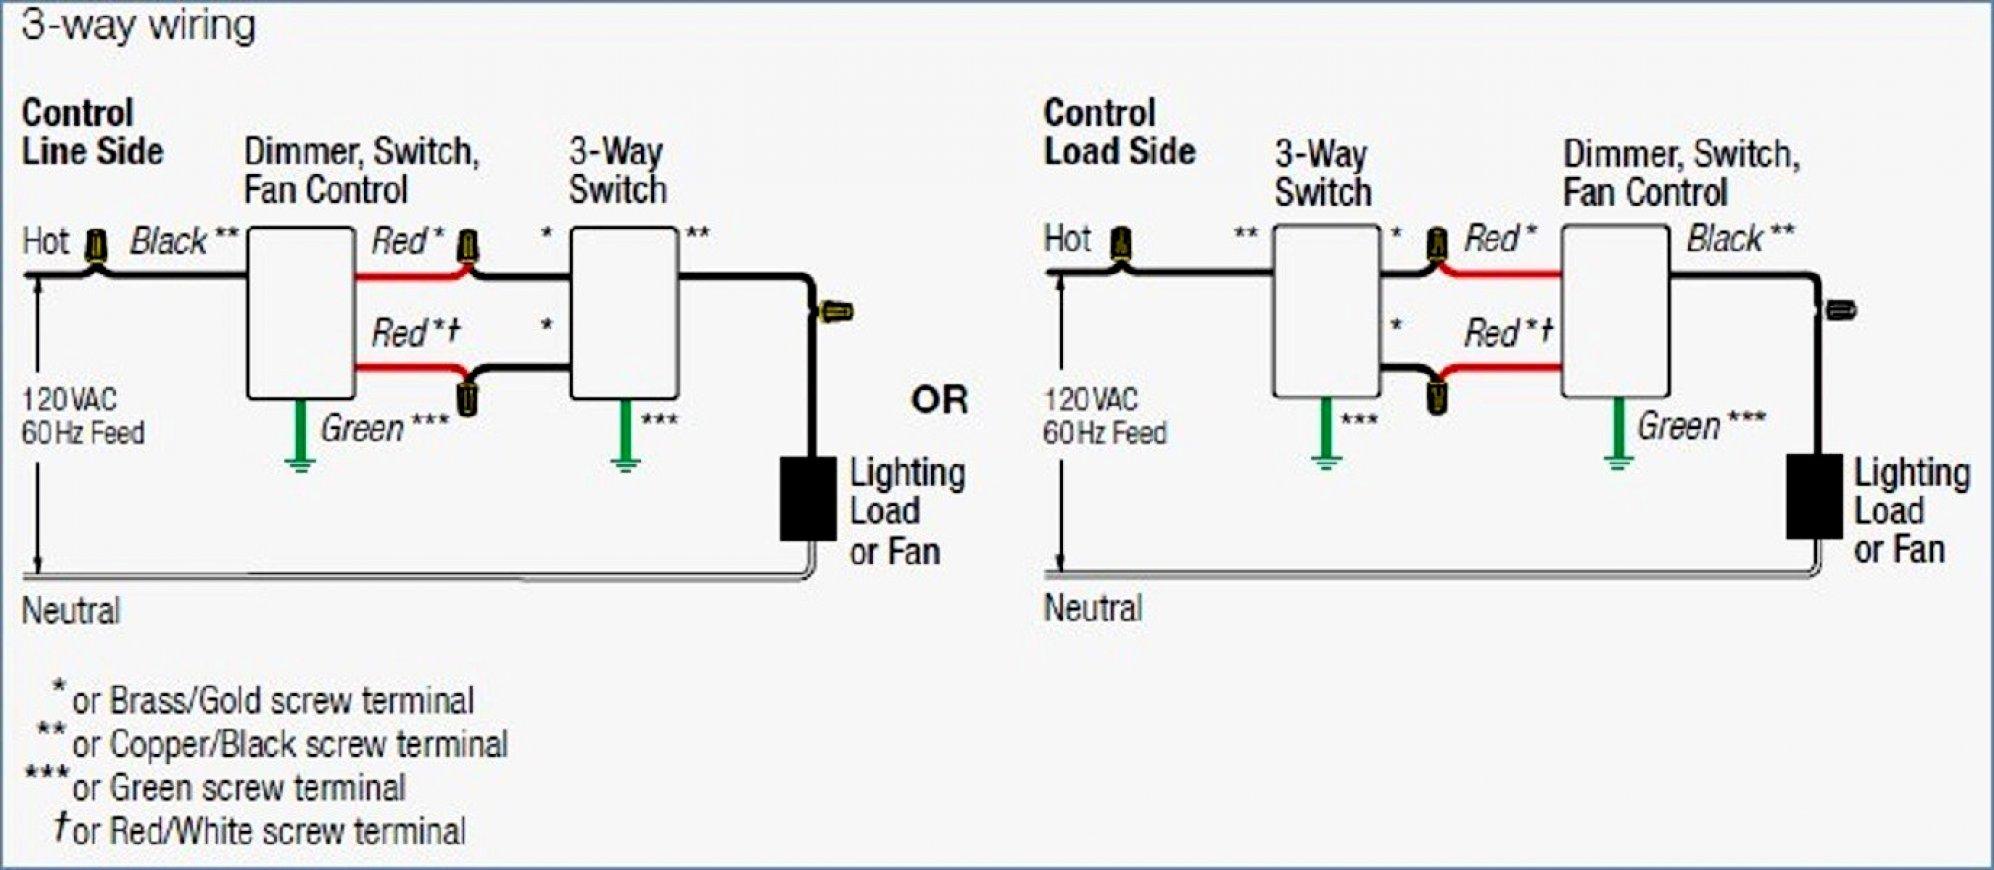 Ceiling Fan Lutron 3 Way Dimmer Wiring Diagram | Wiring Diagram - Lutron 3 Way Dimmer Wiring Diagram